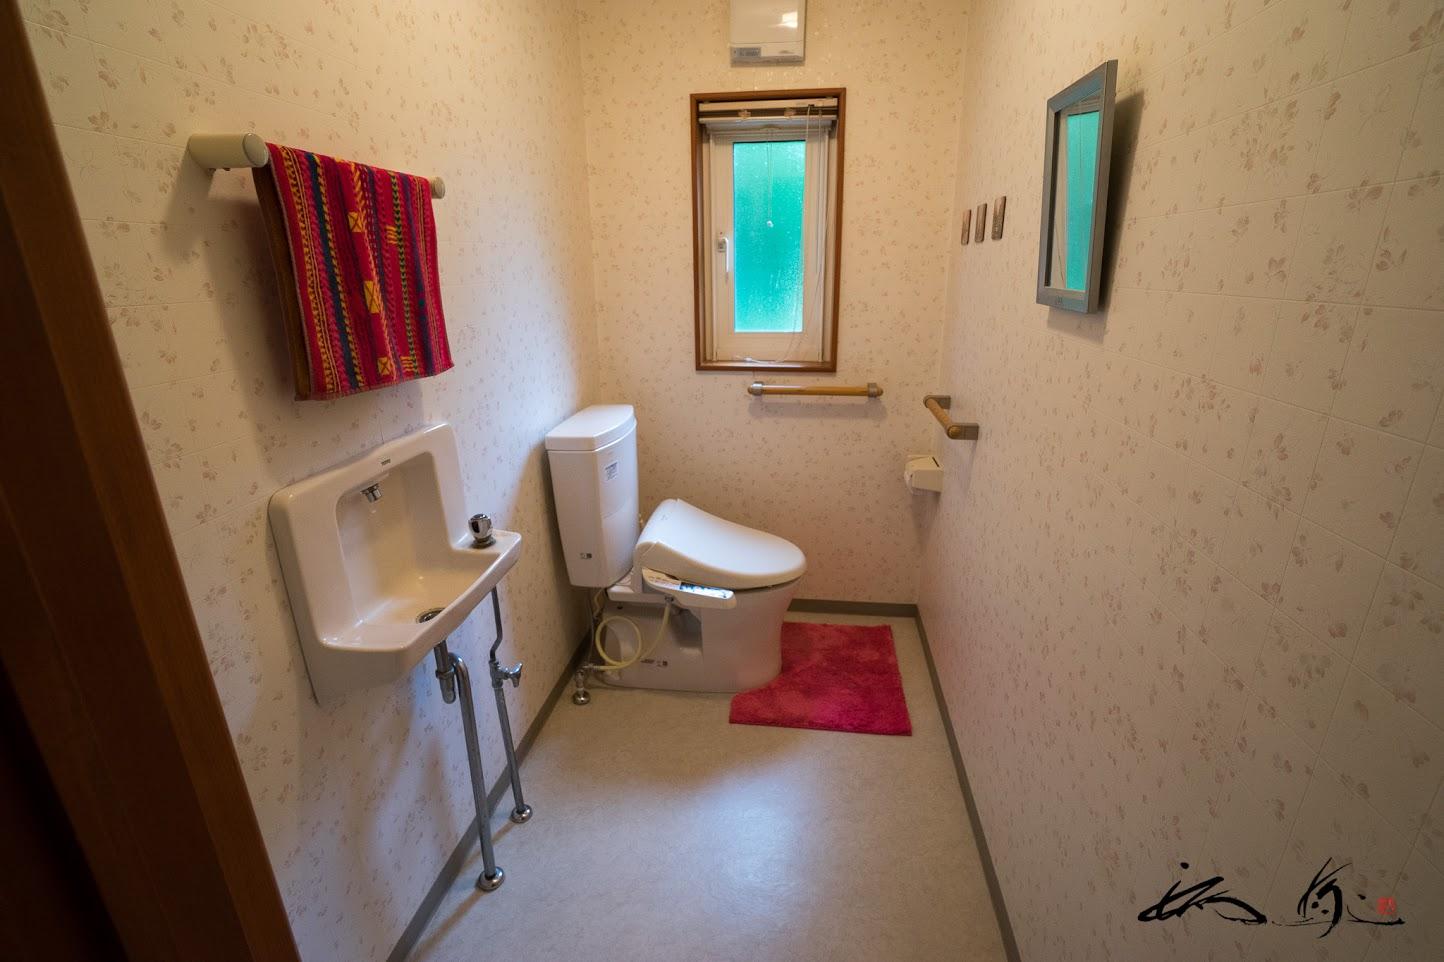 ゲスト用トイレ